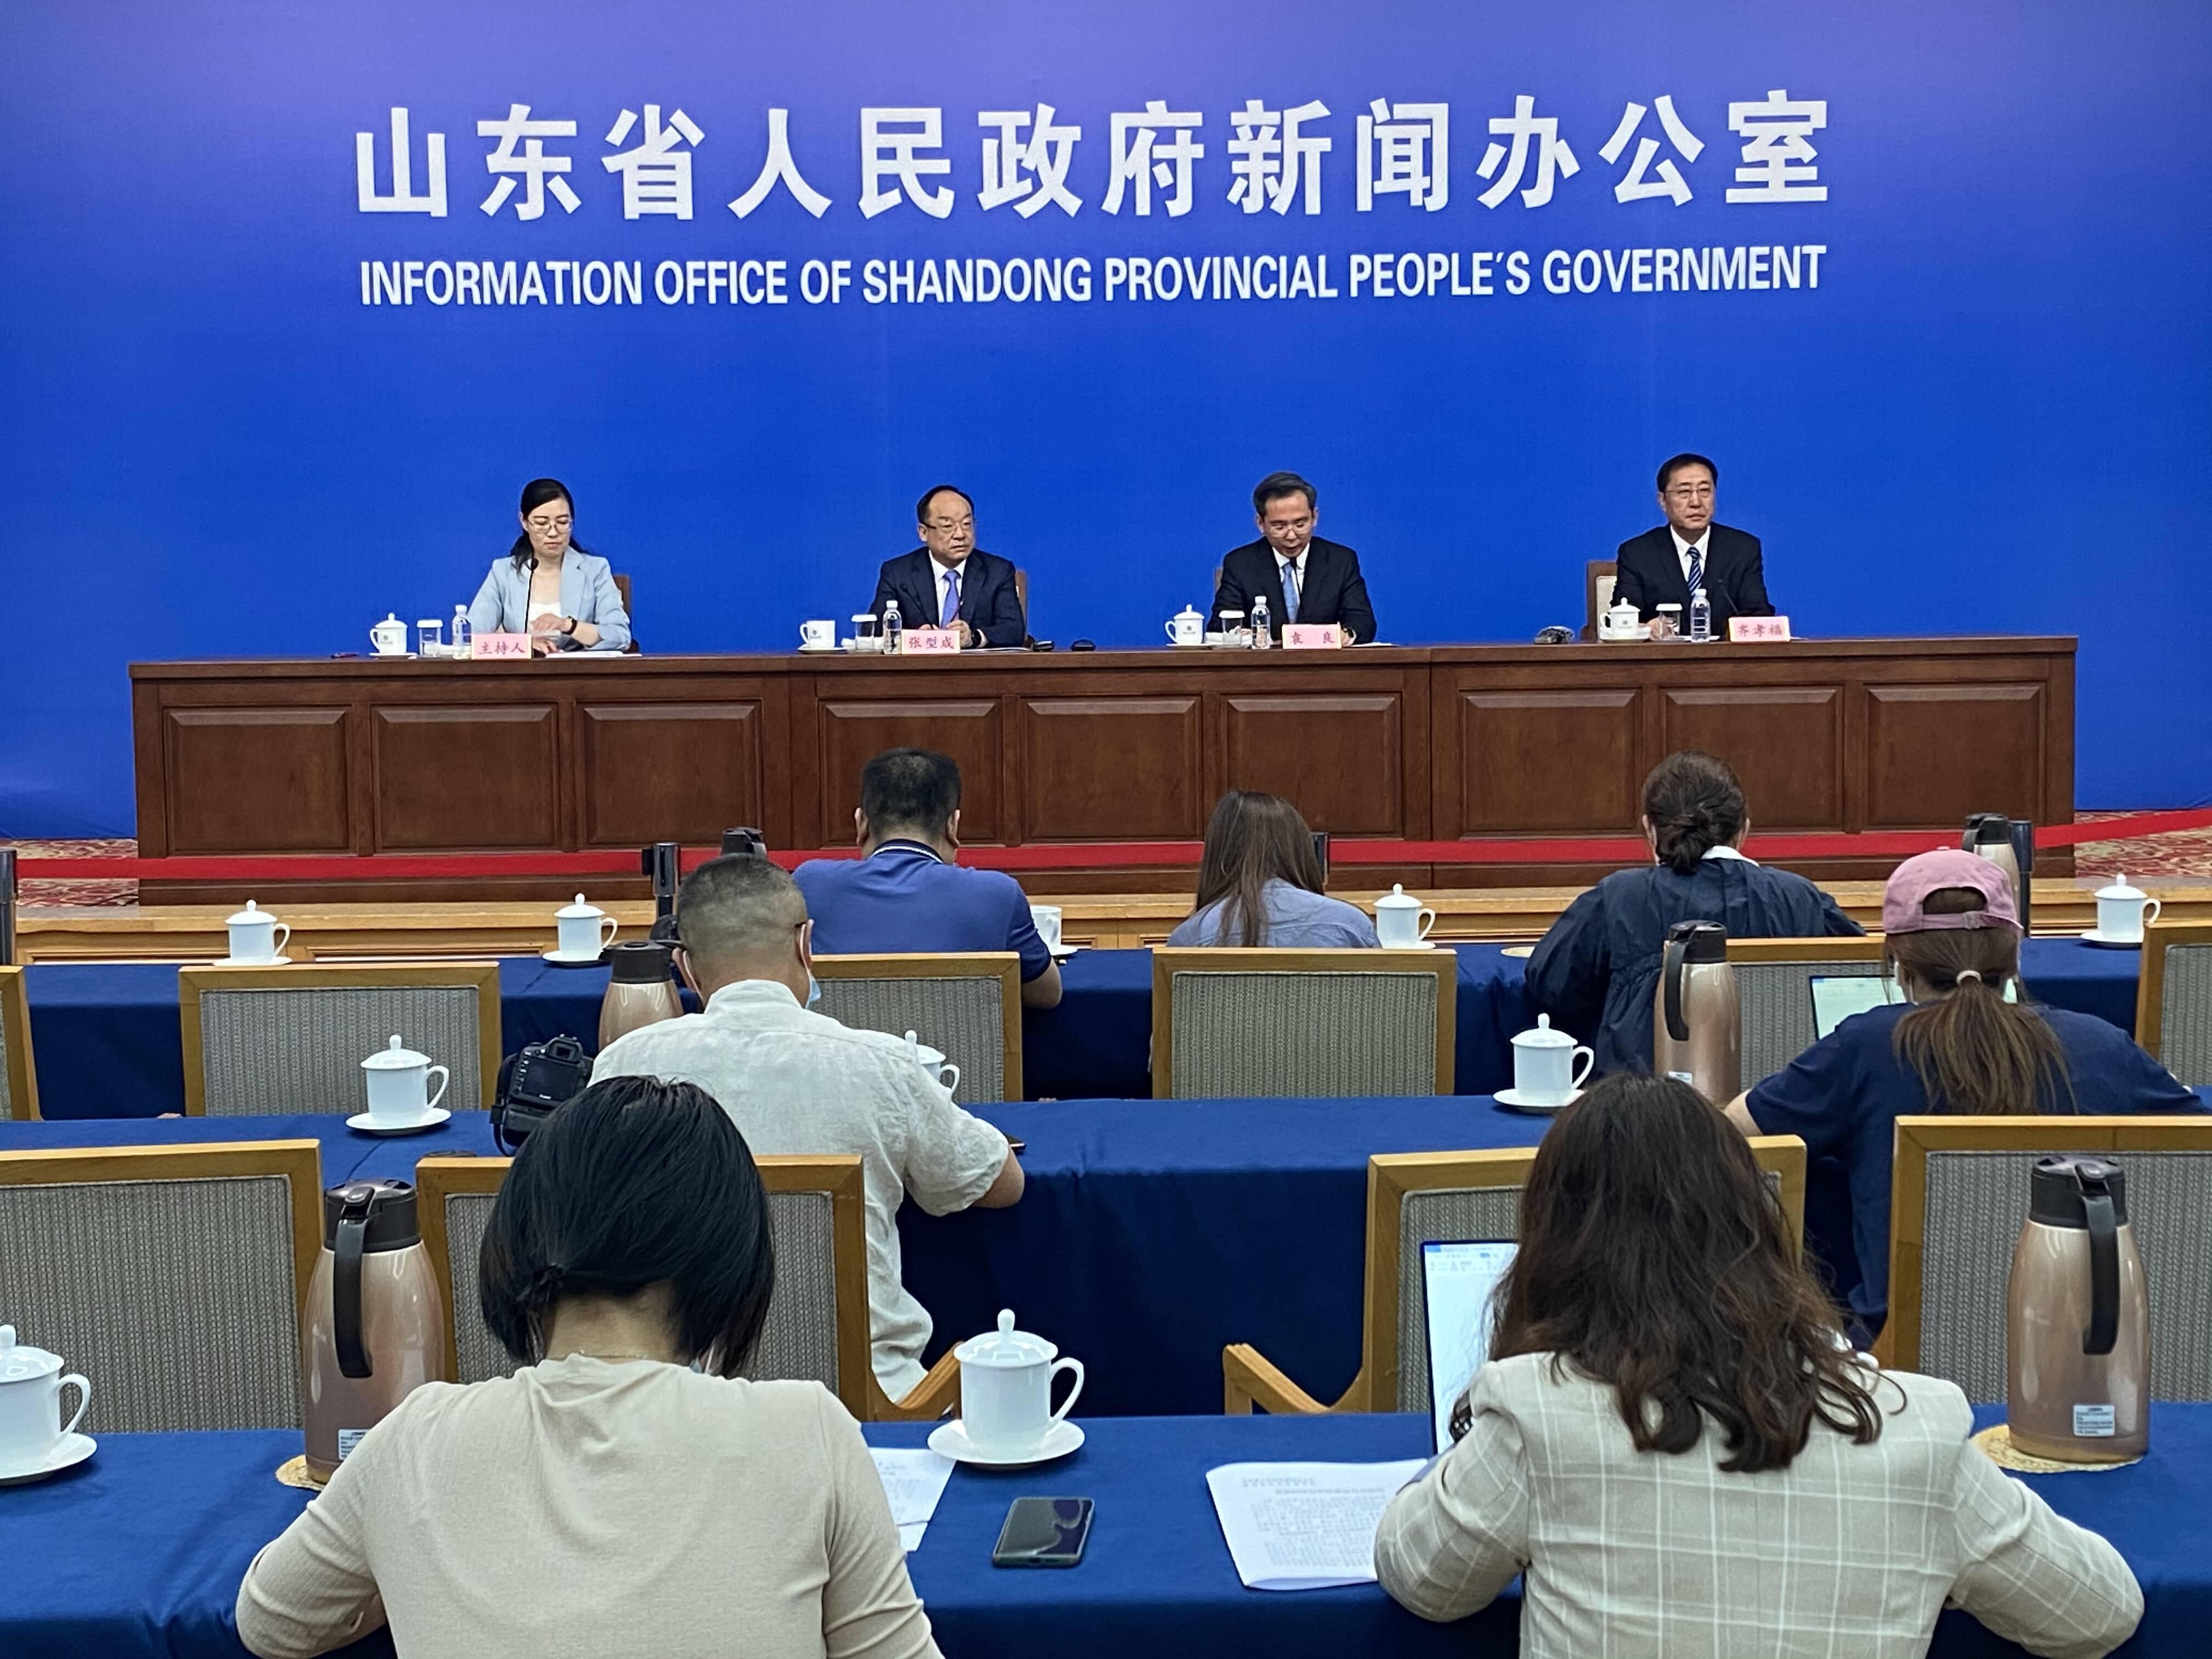 多图详解!鲁港经济合作洽谈会来了 将给淄博带来哪些机遇